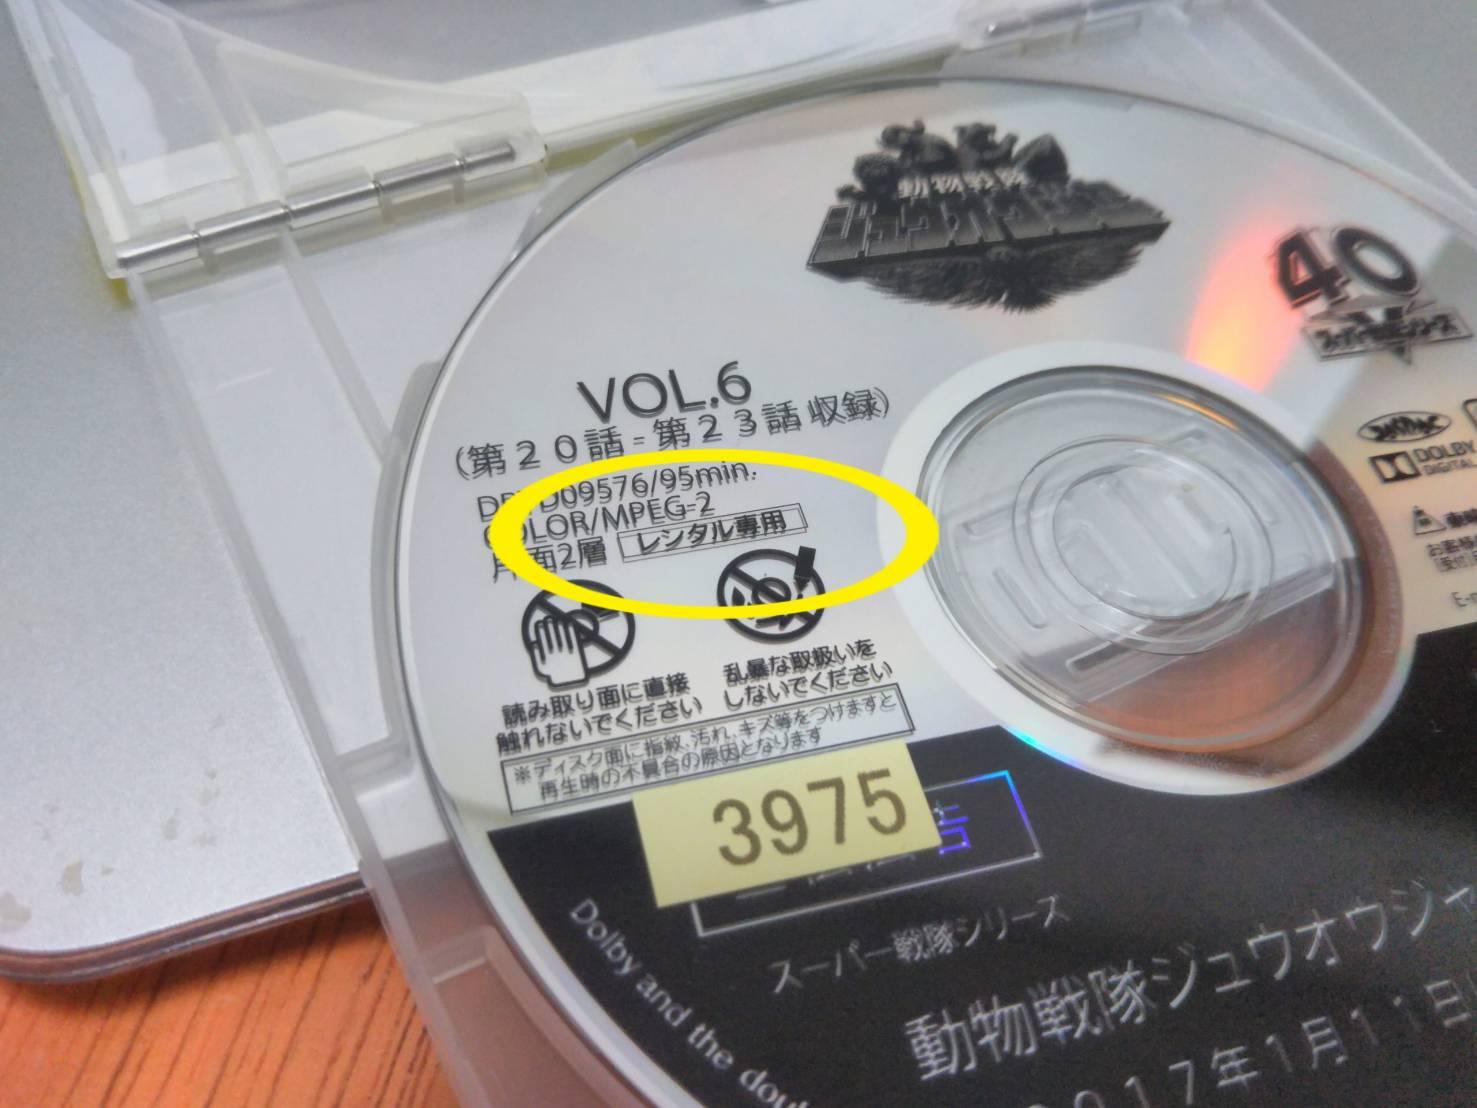 ツタヤのレンタルDVDを紛失したら、弁償代はいくら?